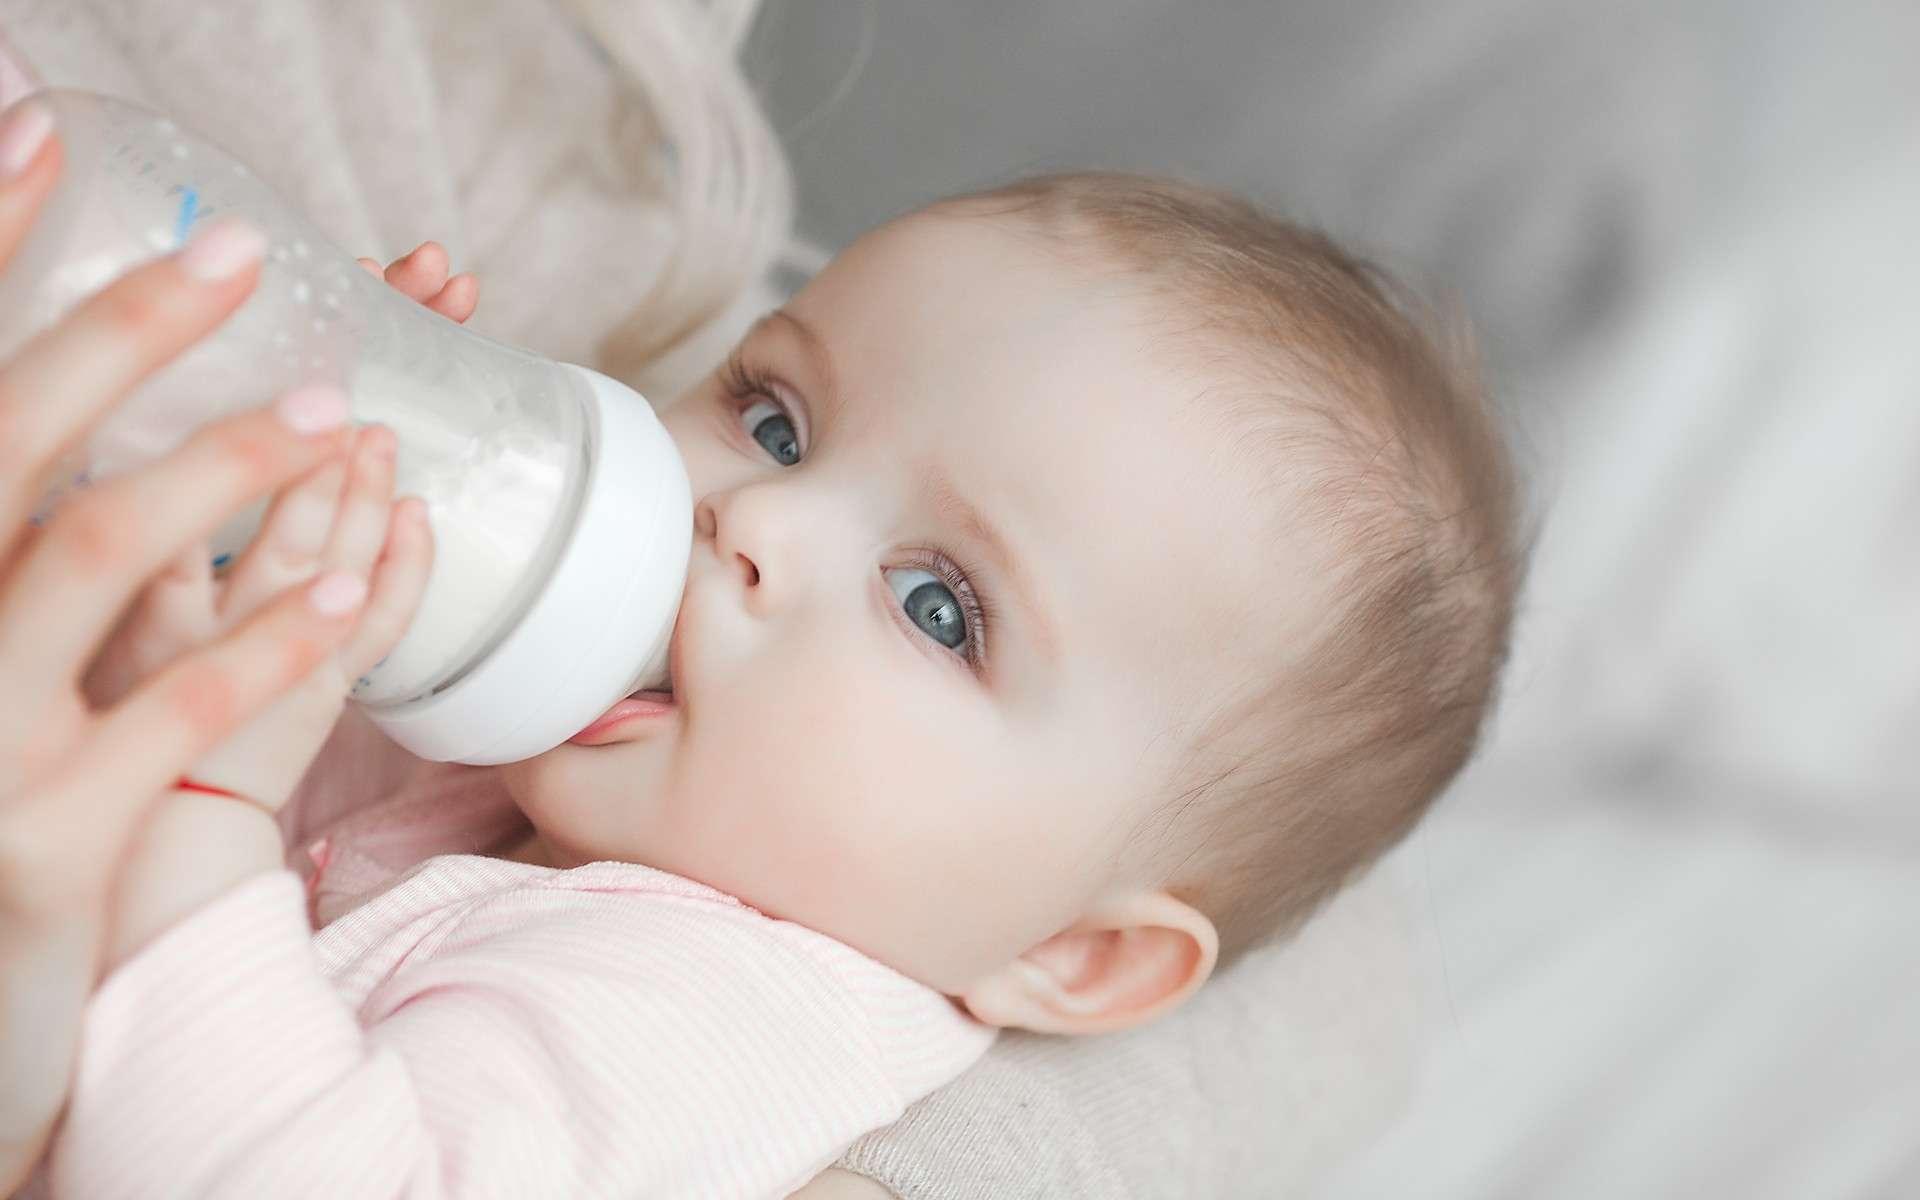 Les biberons en PP contamine le lait infantile avec des microplastiques lorsqu'ils sont chauffés. © olenachukhil, Adobe Stock